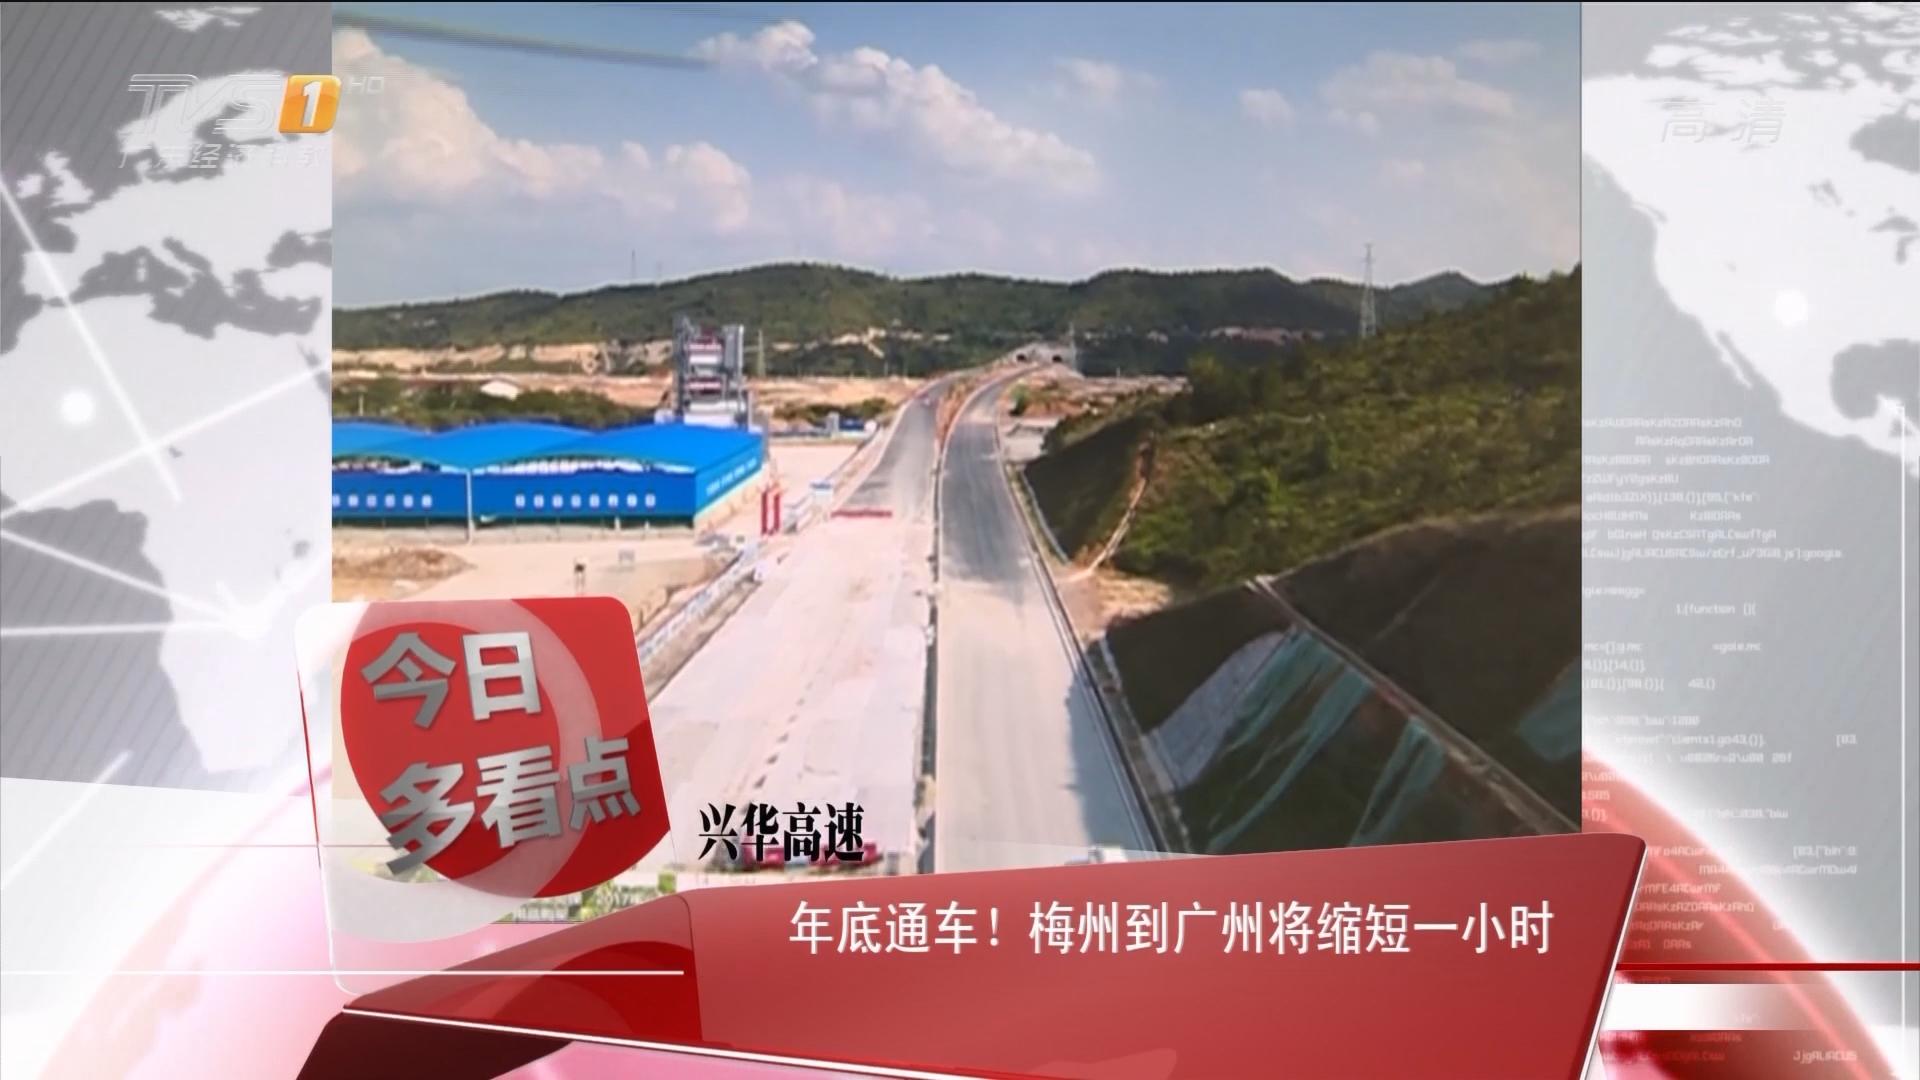 兴华高速:年底通车!梅州到广州将缩短一小时